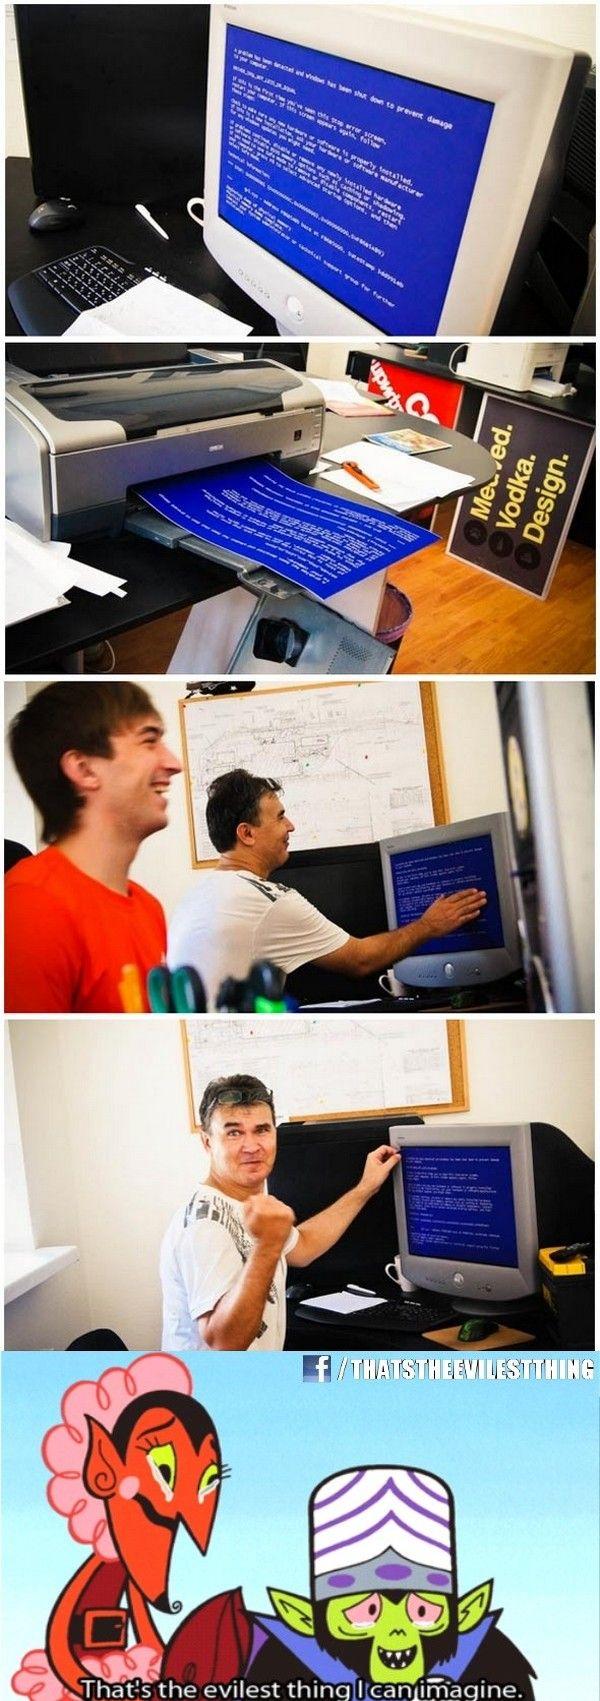 Funny office prank idea